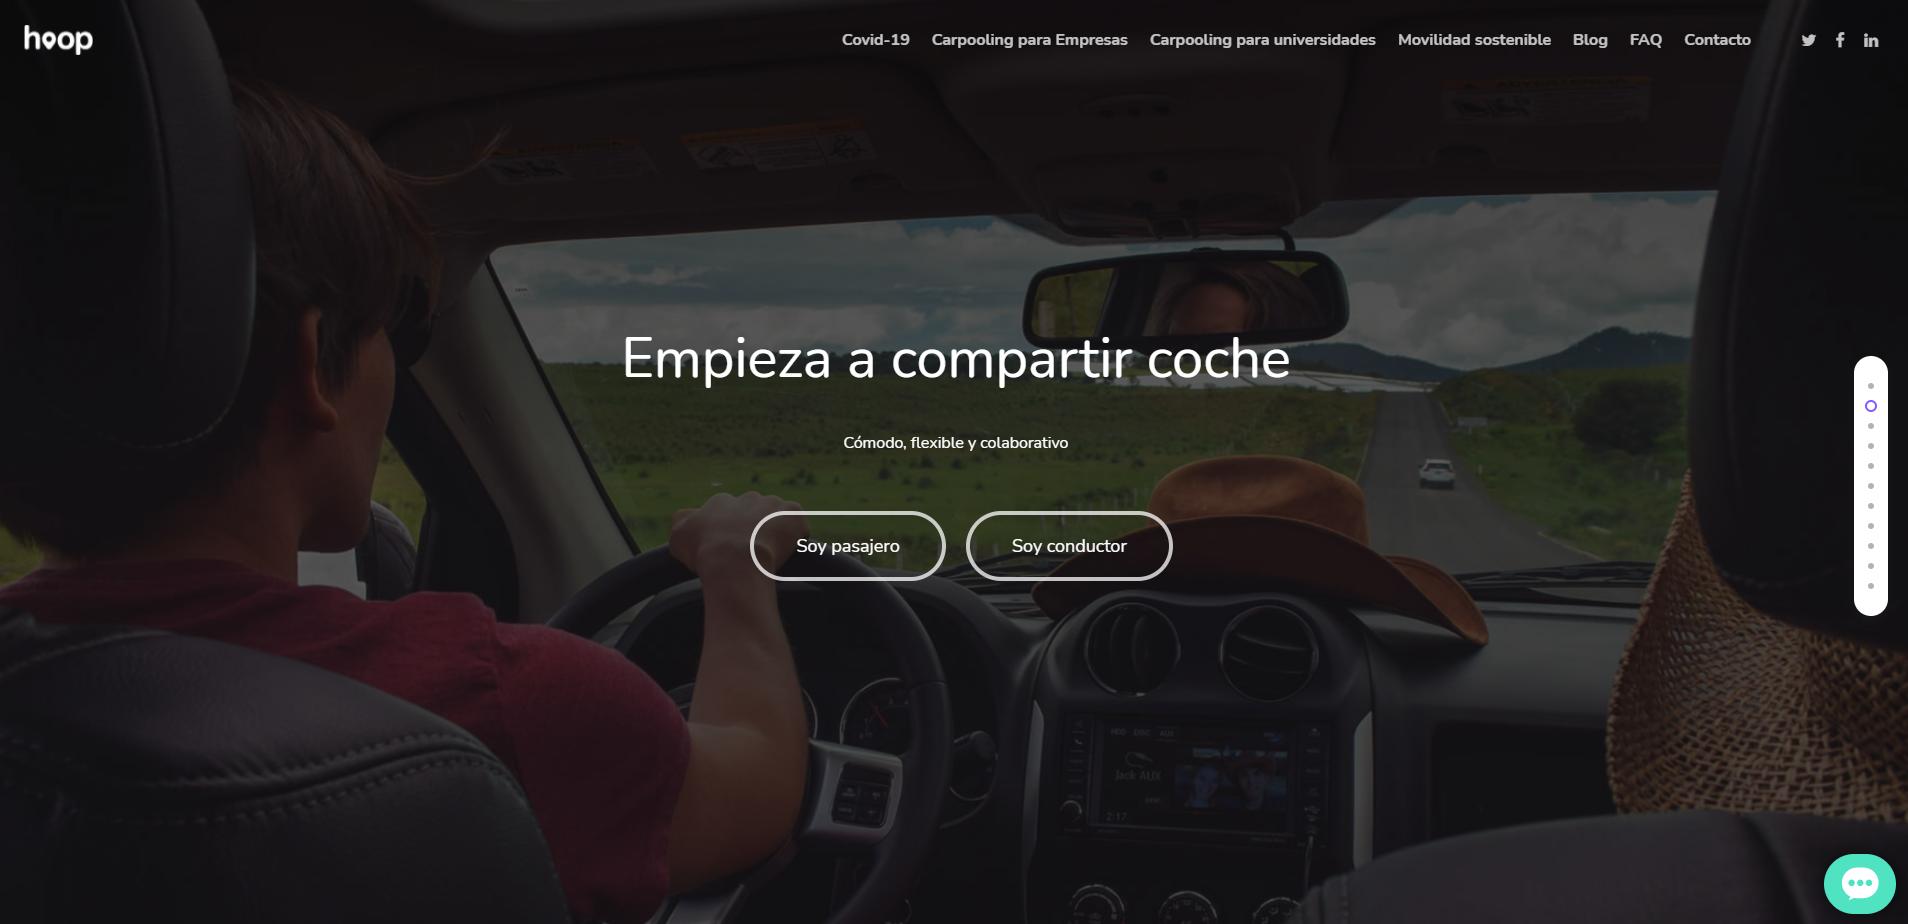 hoop-carpool-accepreneur